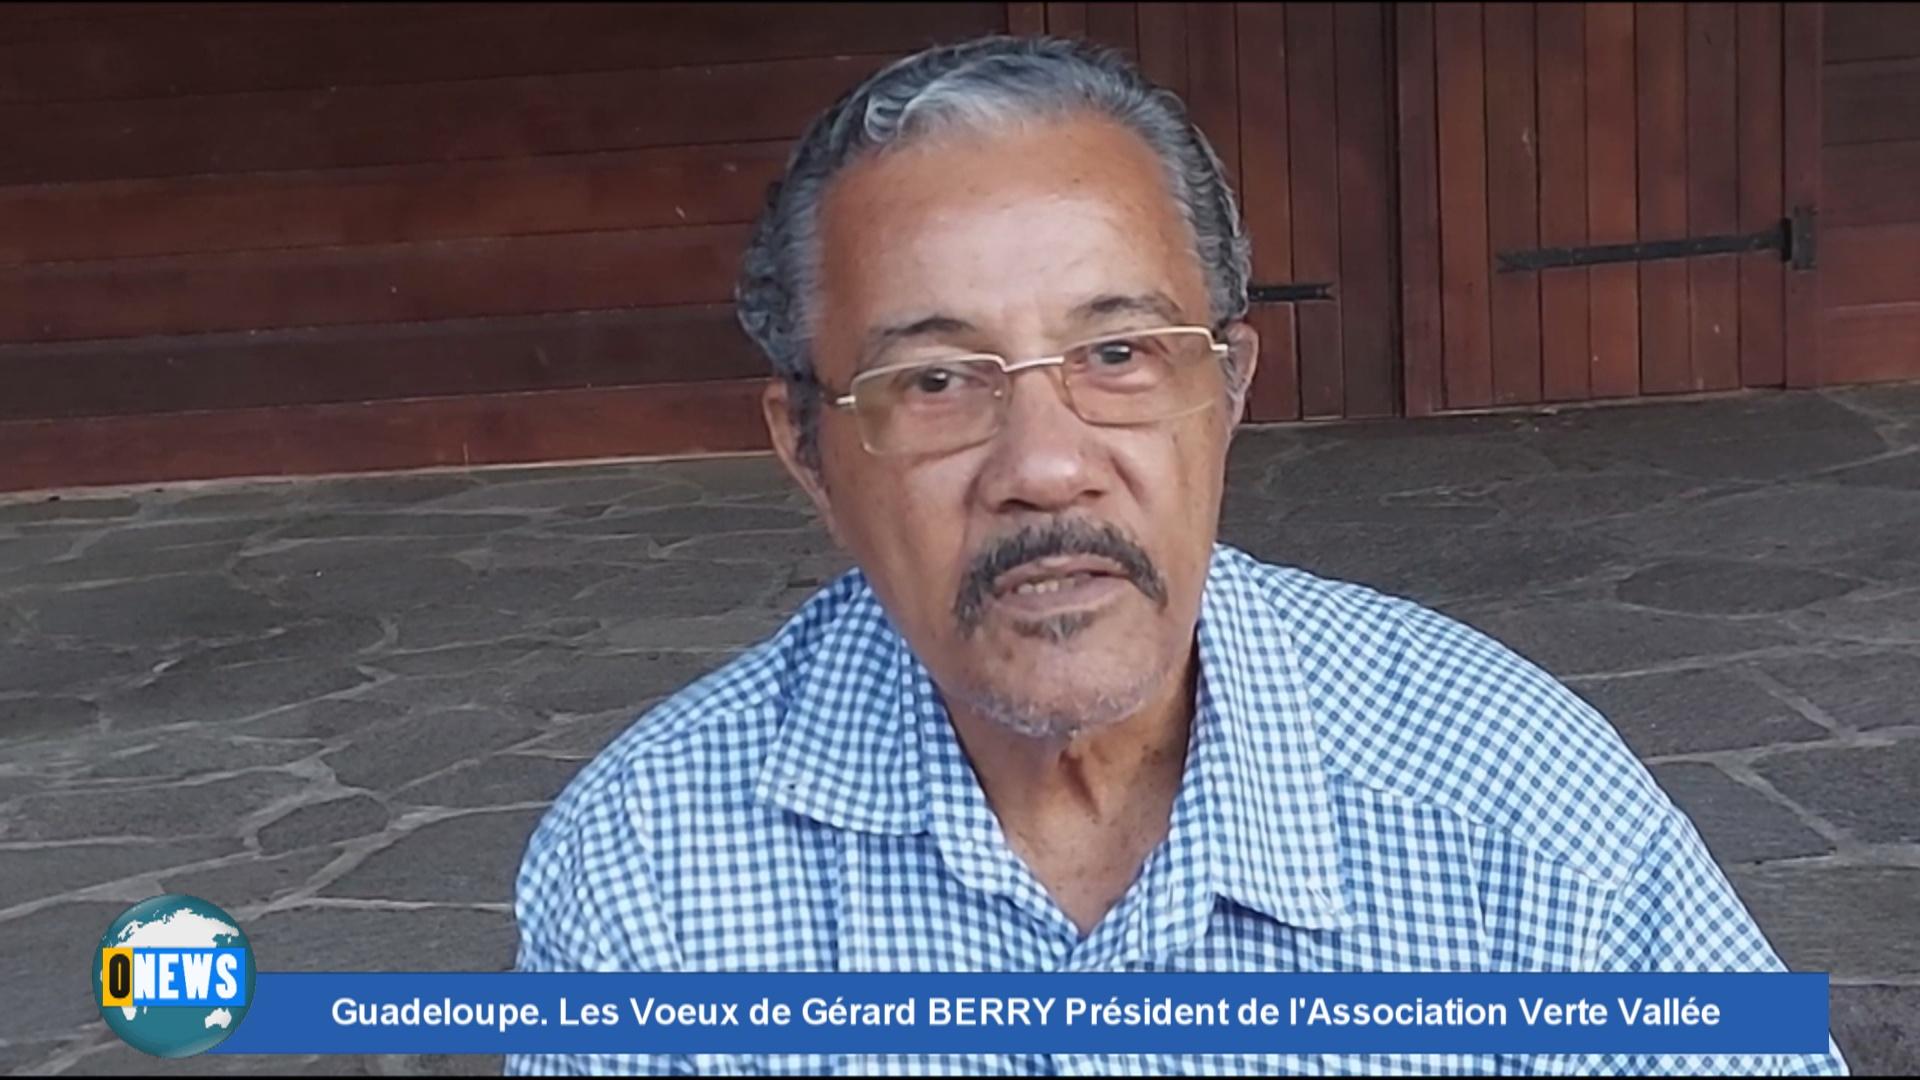 [Vidéo] Onews Guadeloupe. Les Voeux de Gérard BERRY Président de l'Association Verte Vallée